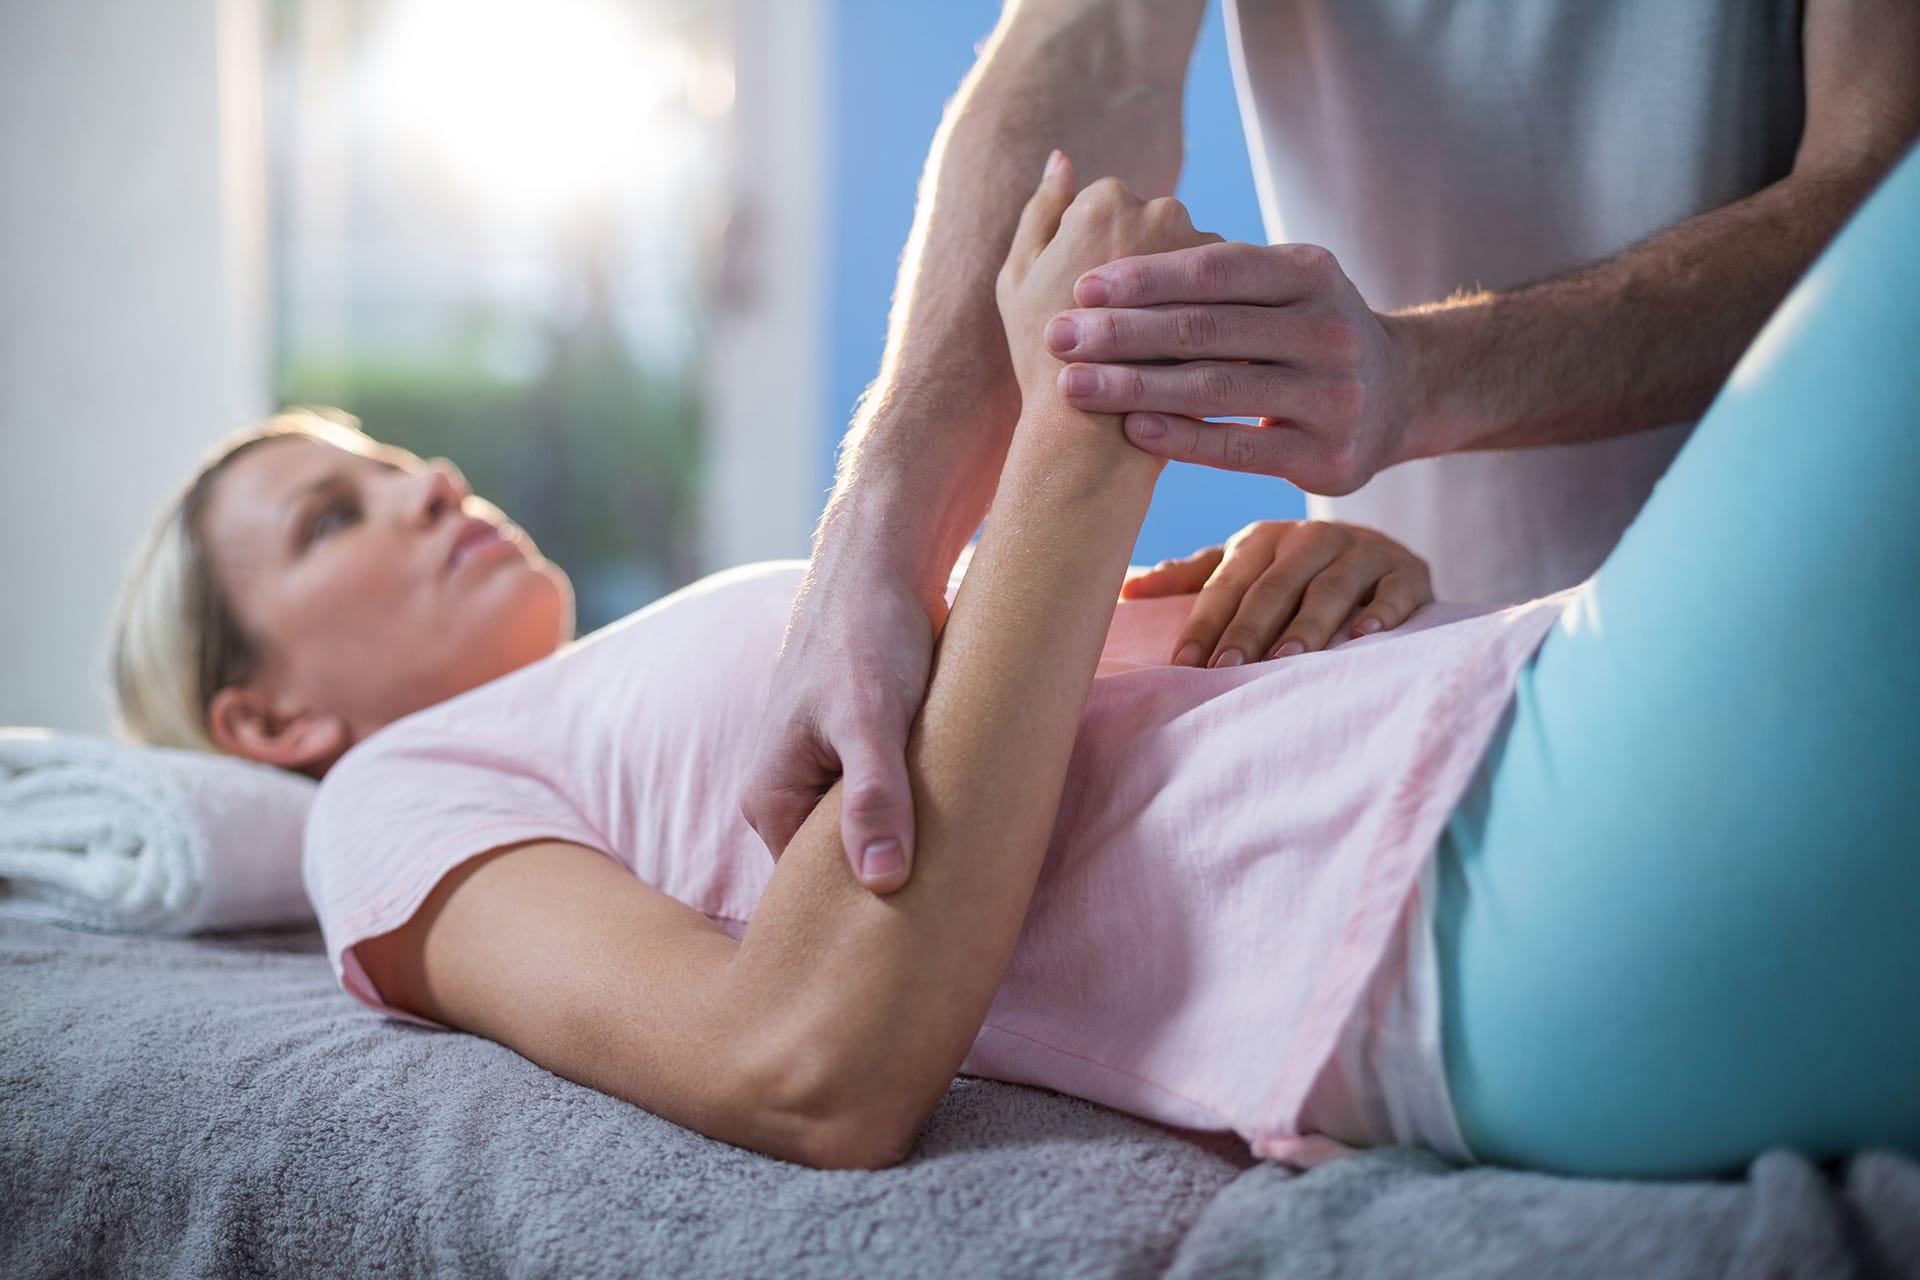 Iller Physio - Ihre Lebensfreude steht in unserem Fokus